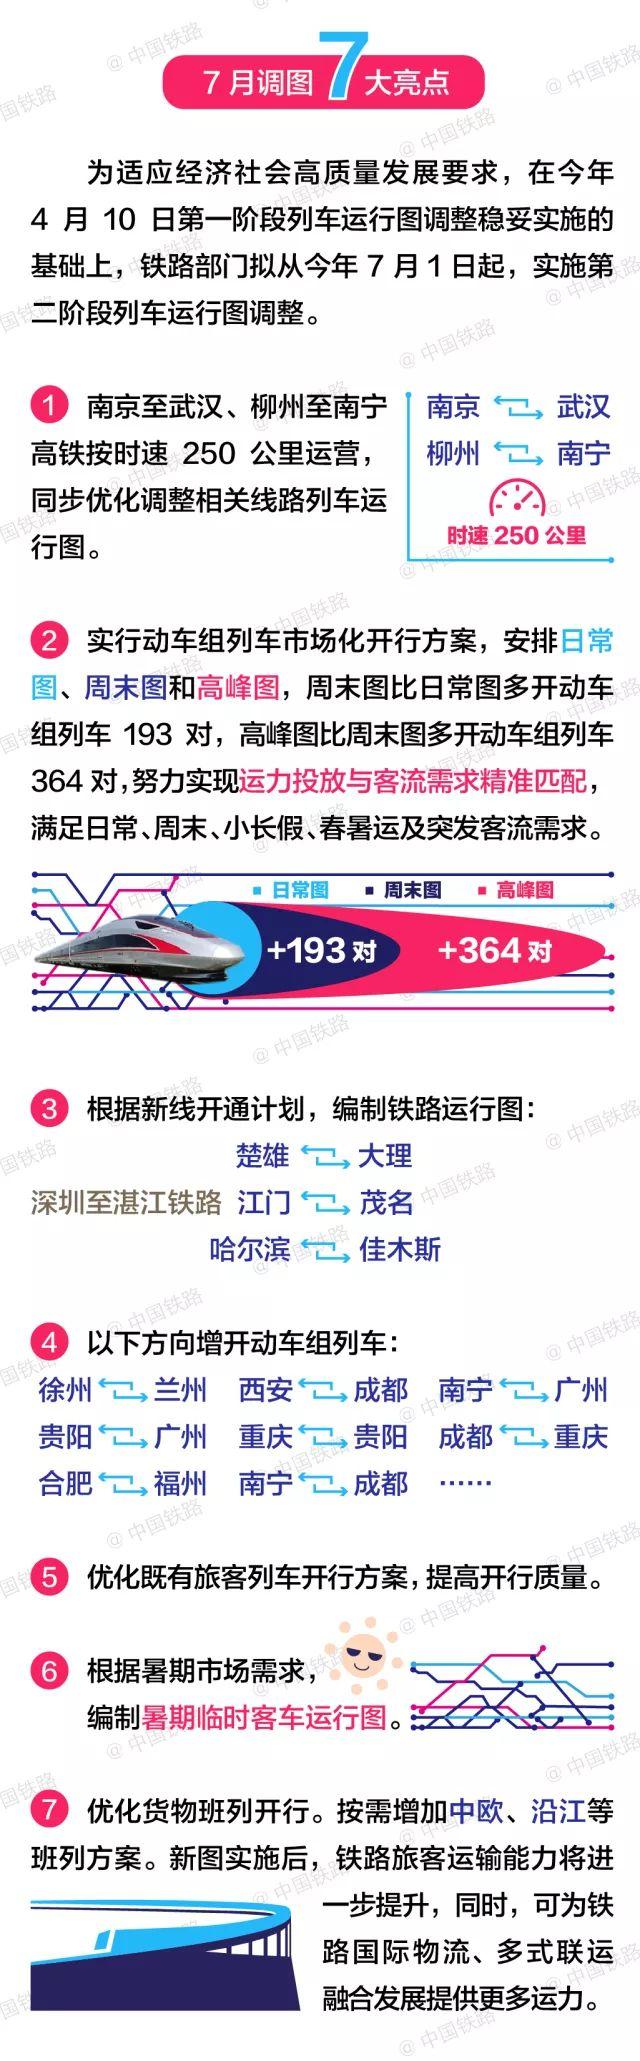 6段高铁线路票价调整:有升有降_最大折扣6.5折